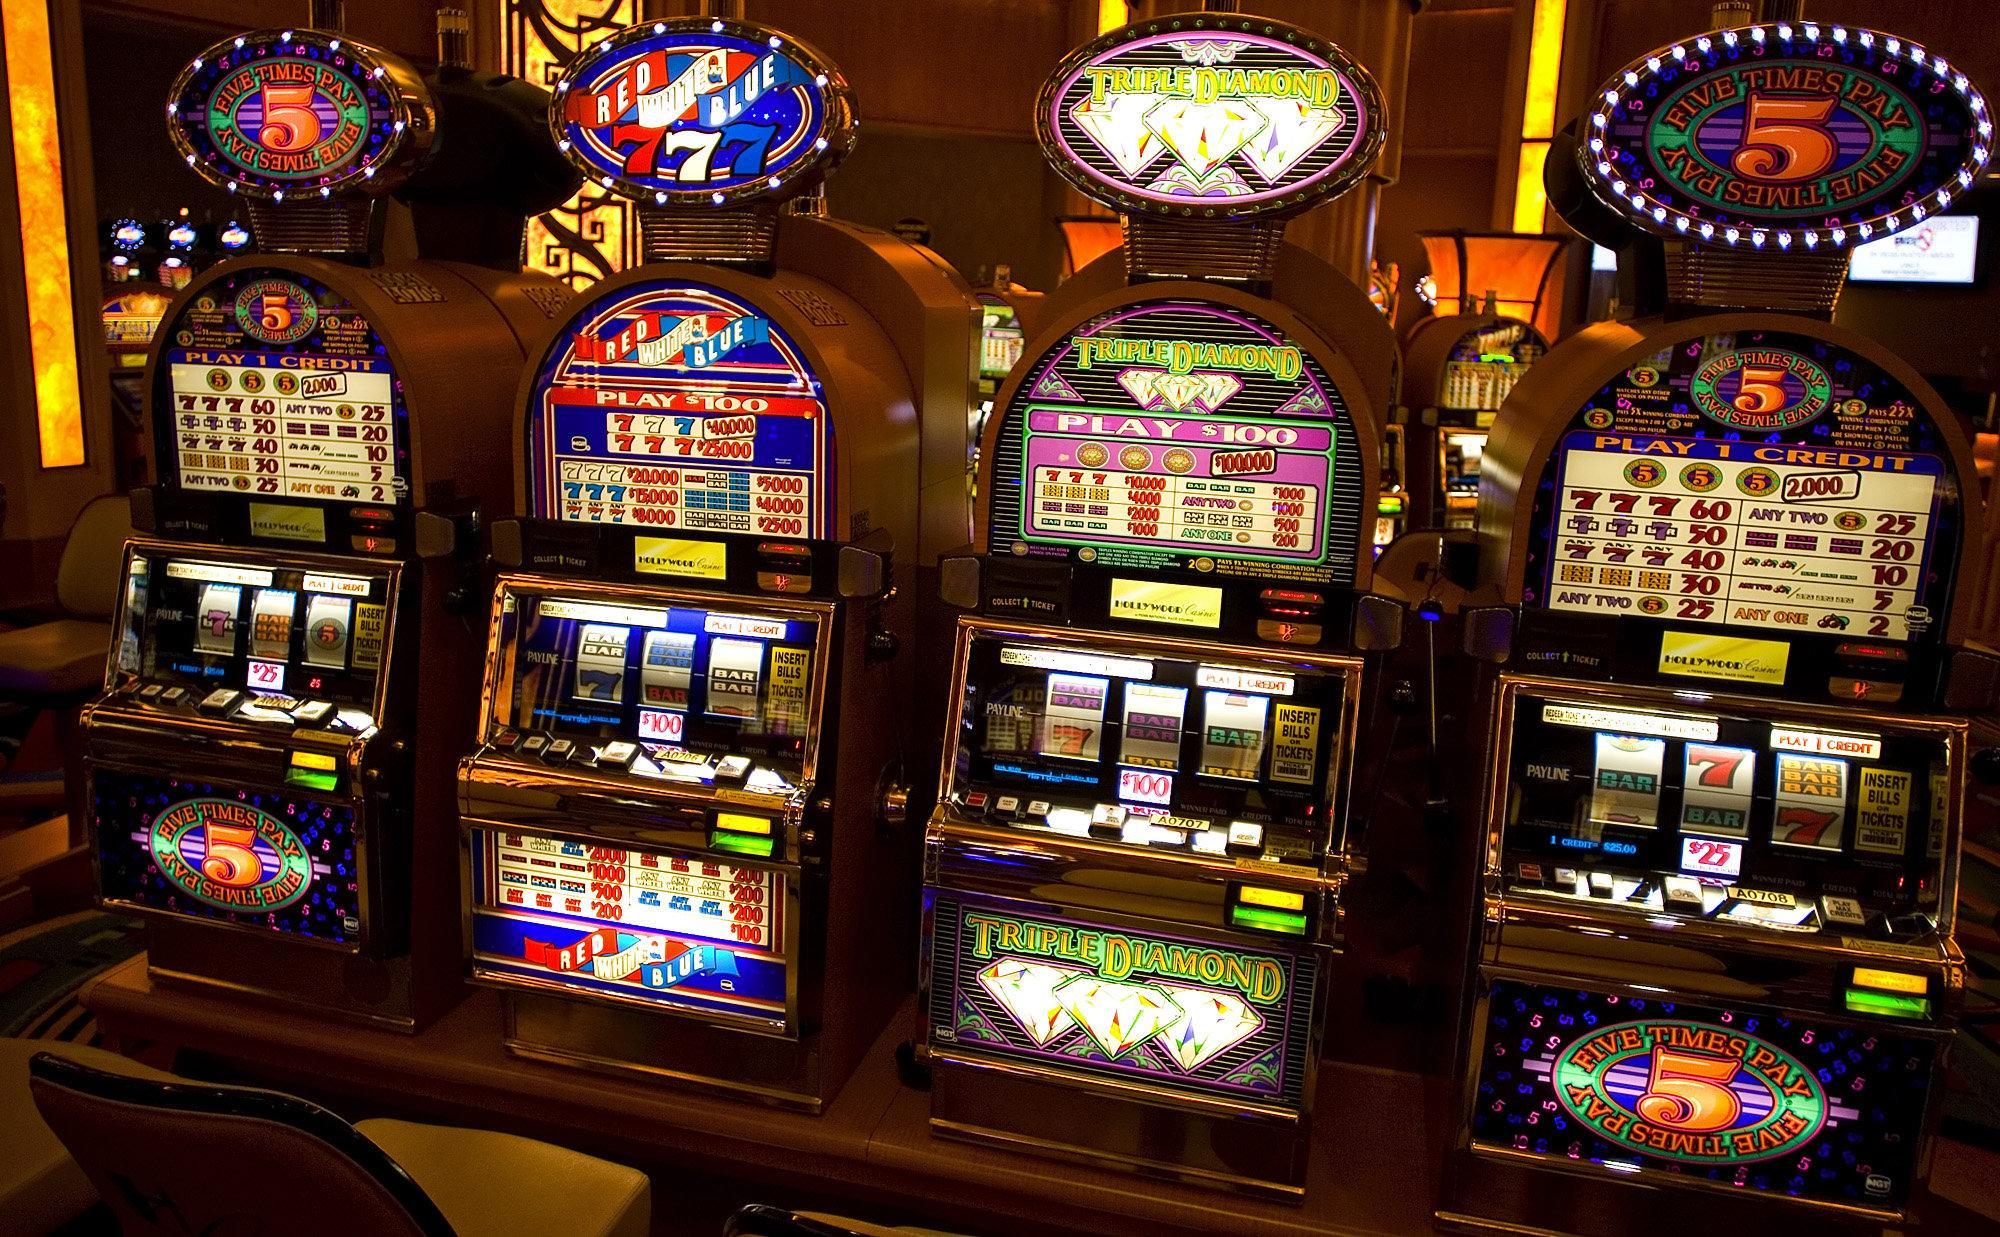 Slo casino mgm casino resort